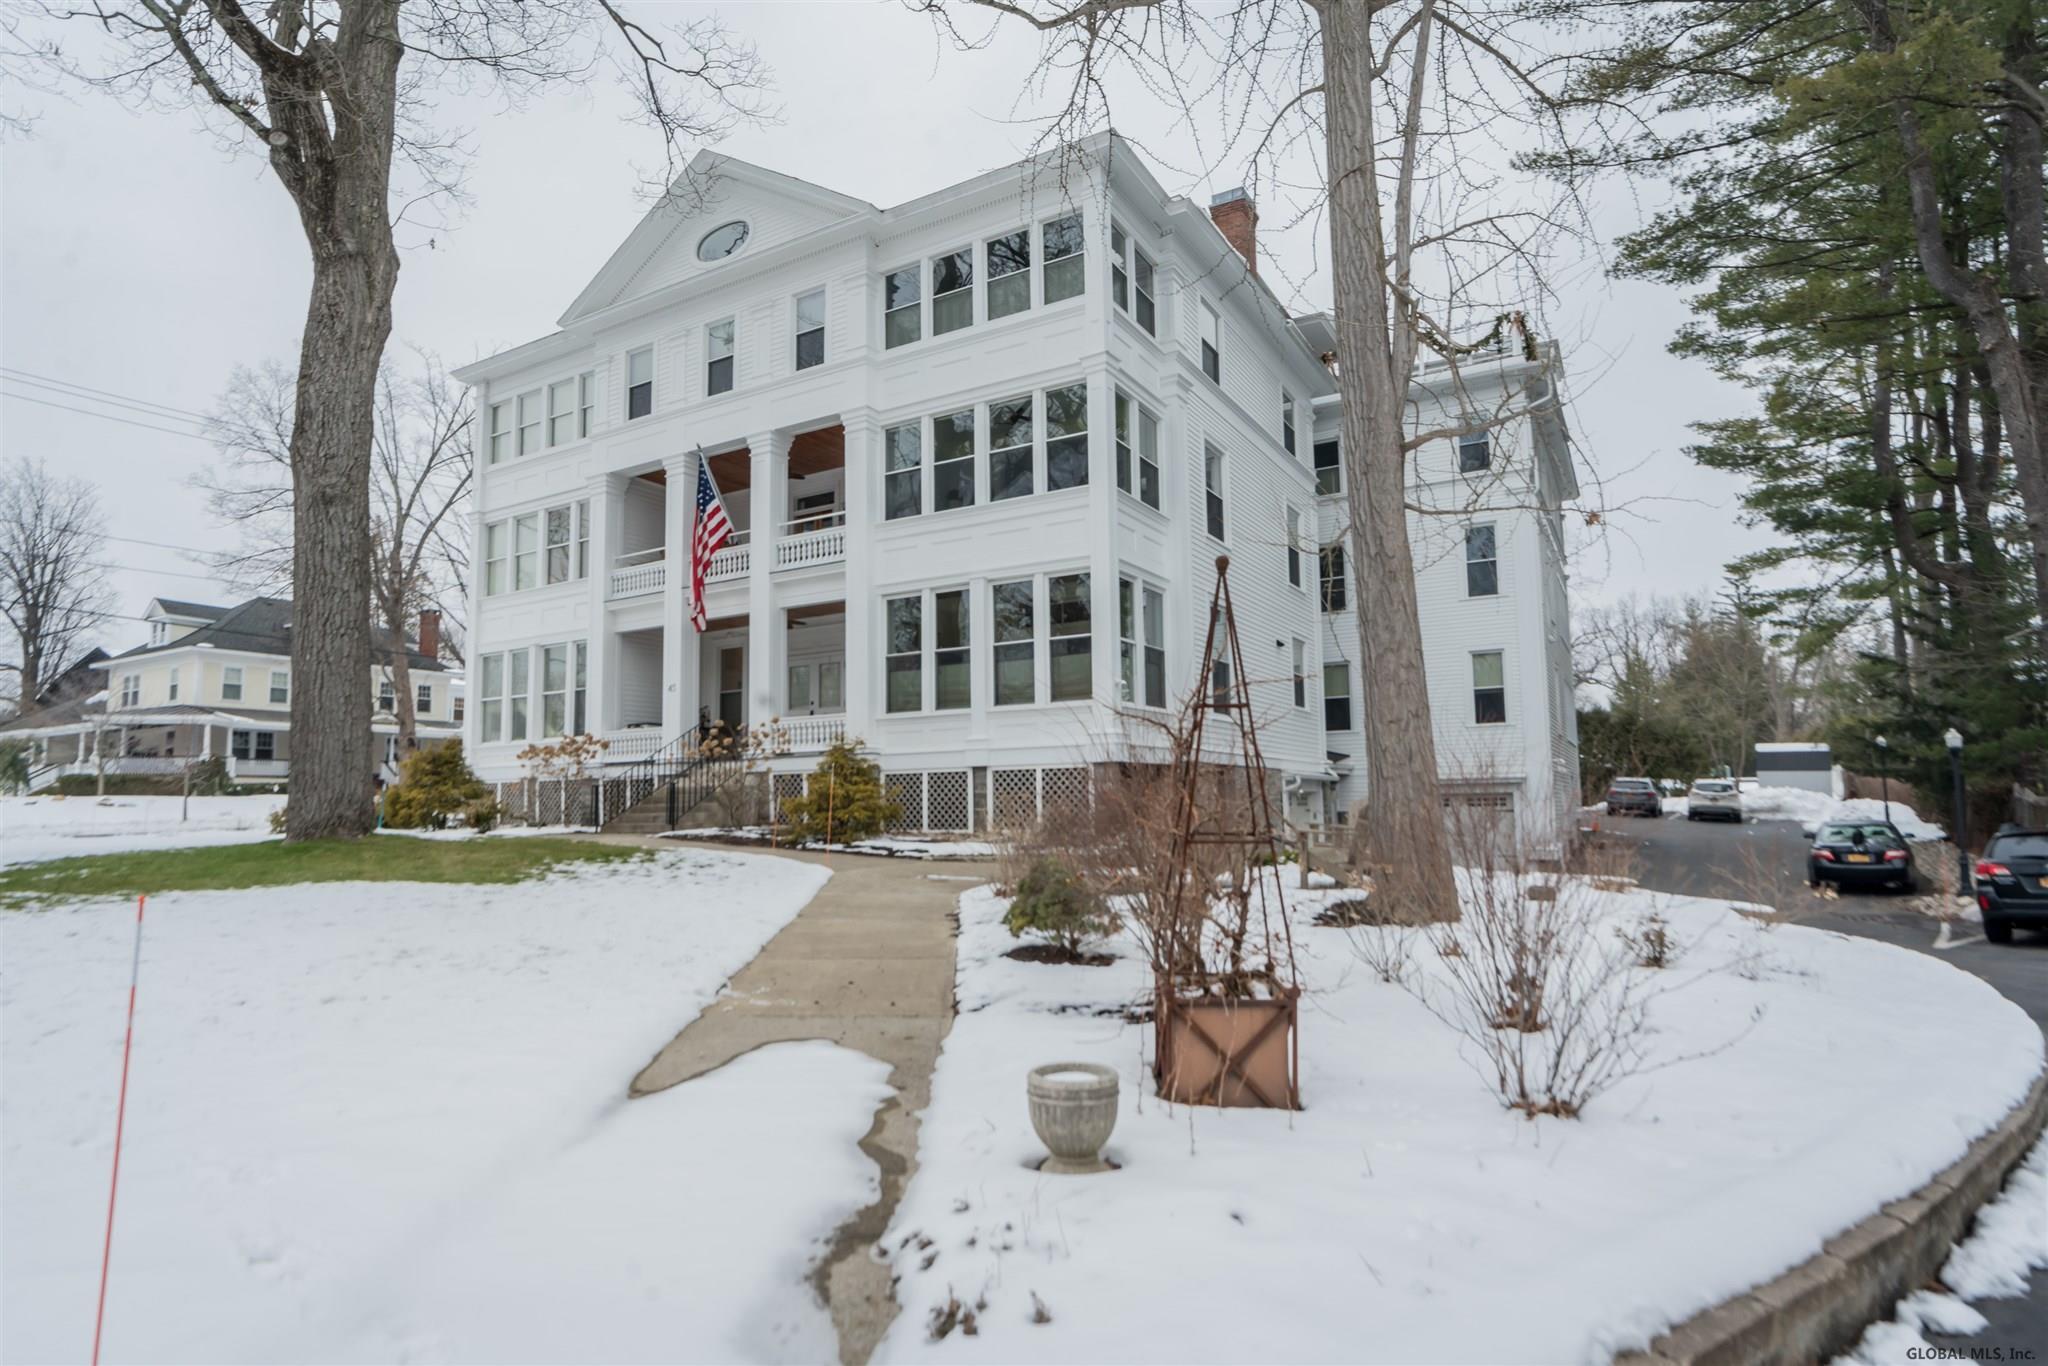 Saratoga S image 2